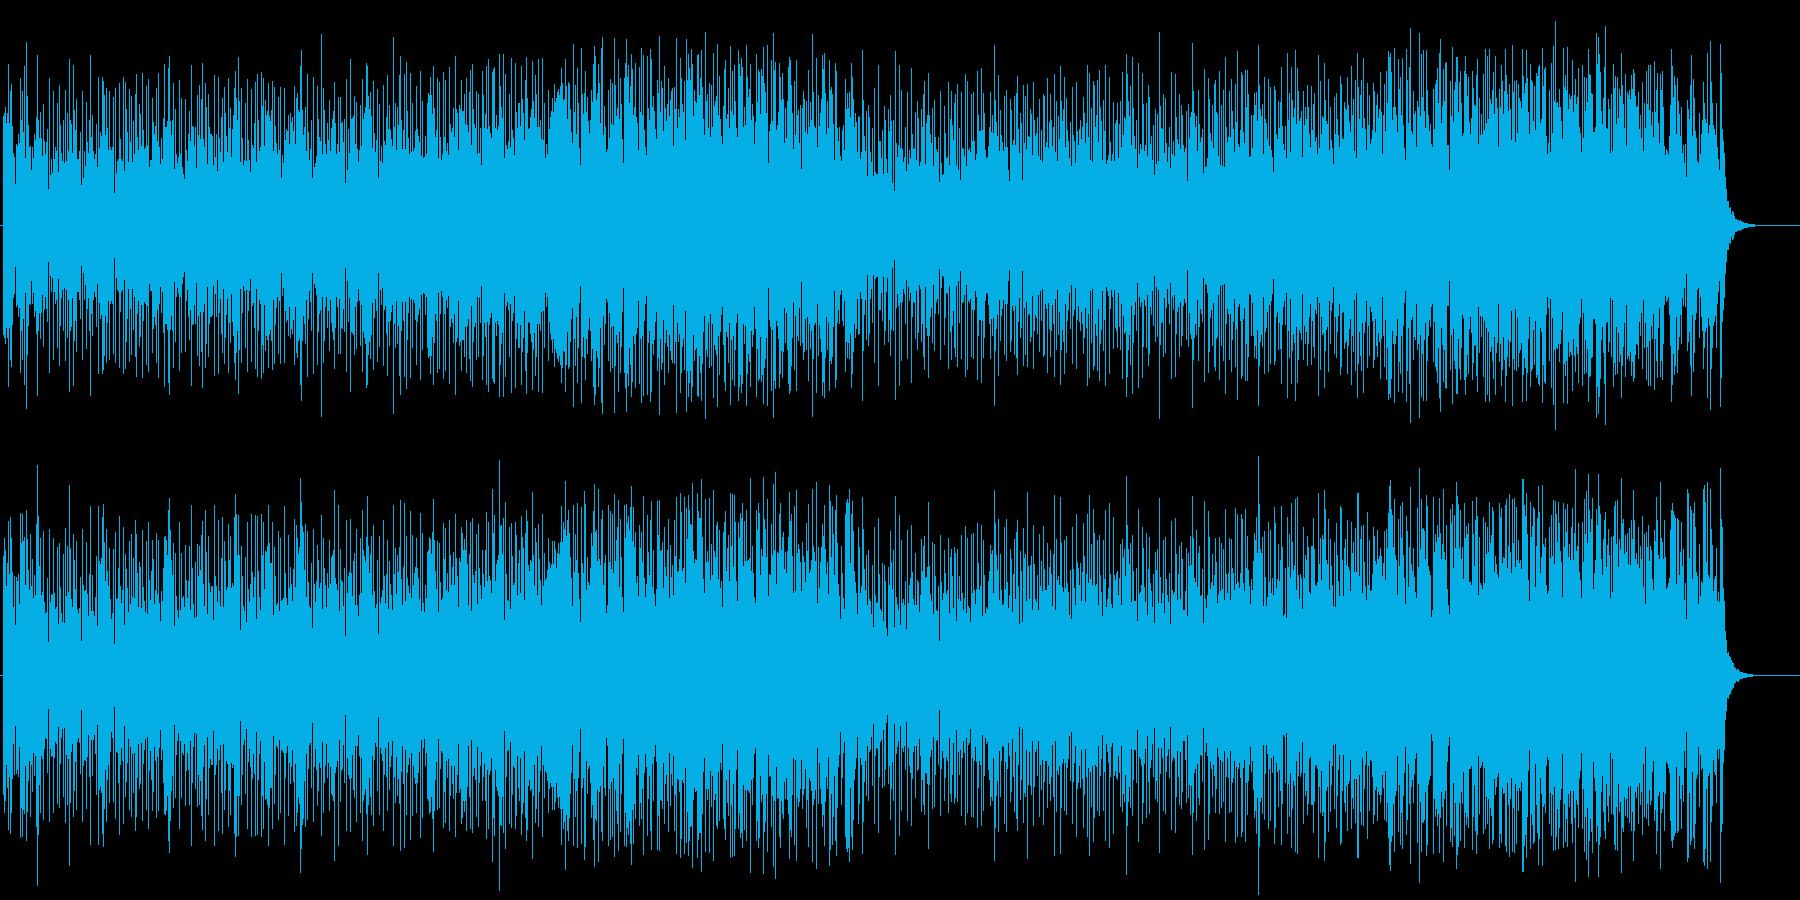 お洒落でヴィヴィッドなポップフュージョンの再生済みの波形